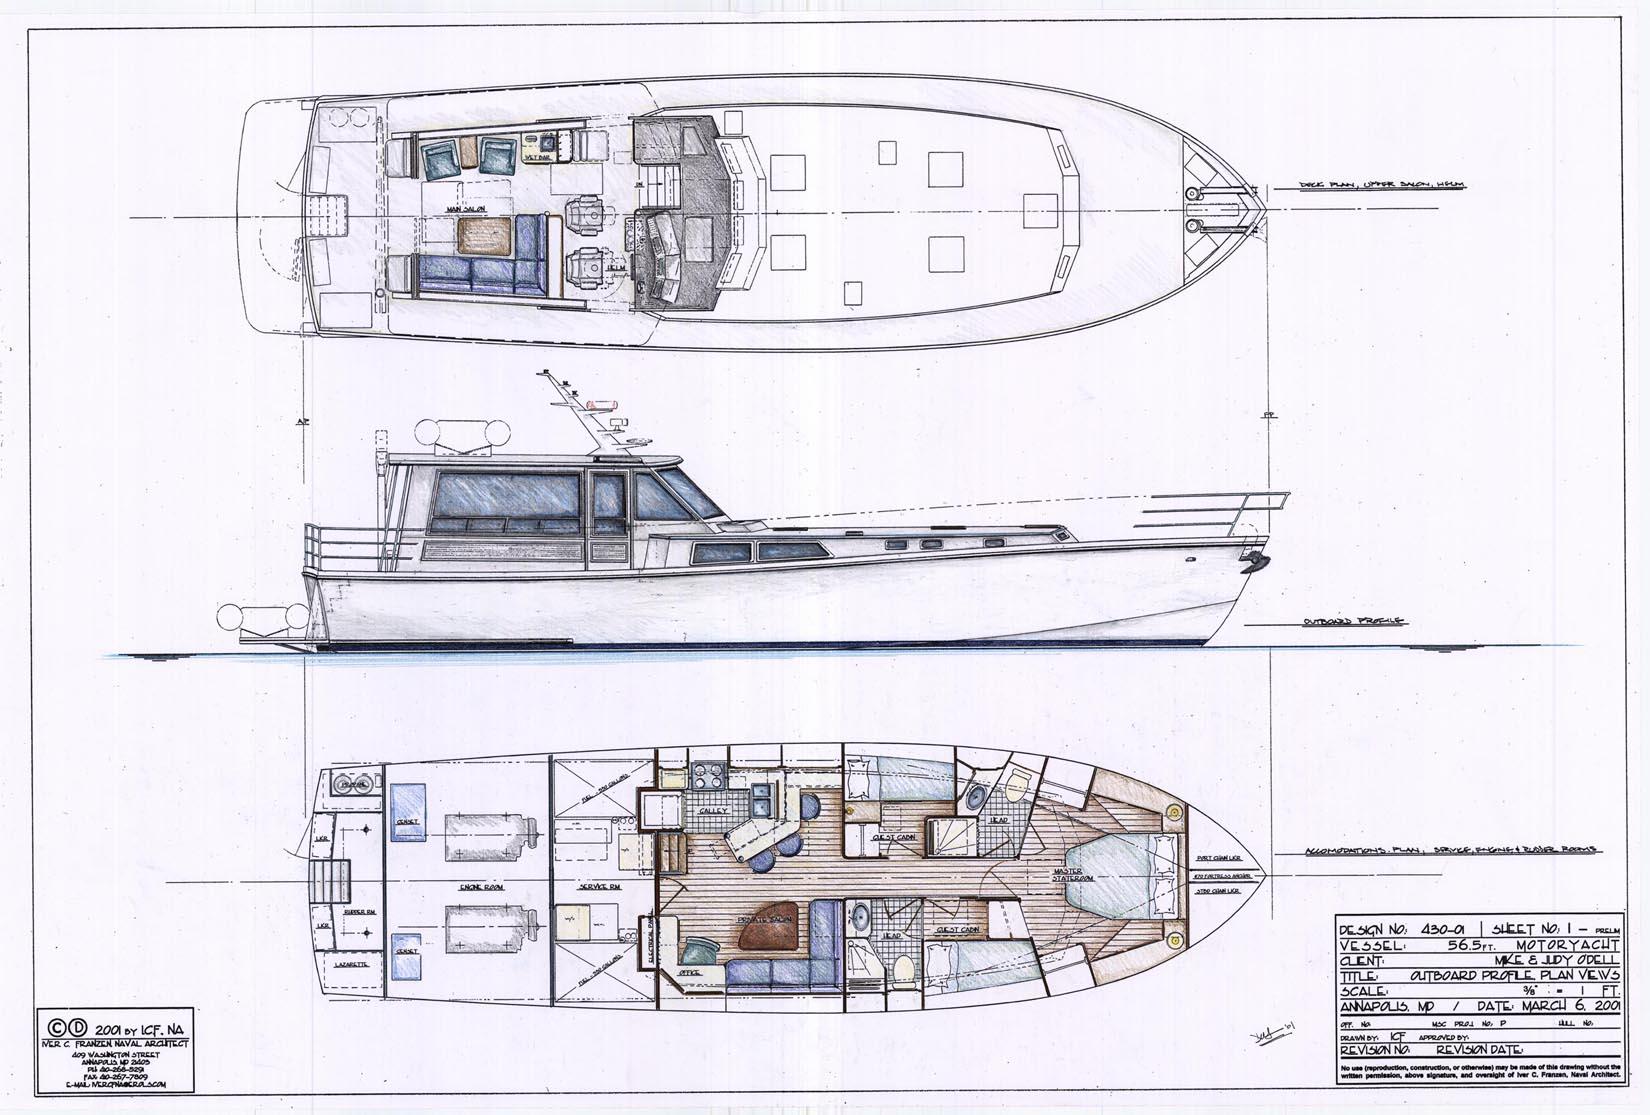 Photo Album Pilot Cruiser - Naval architecture schools